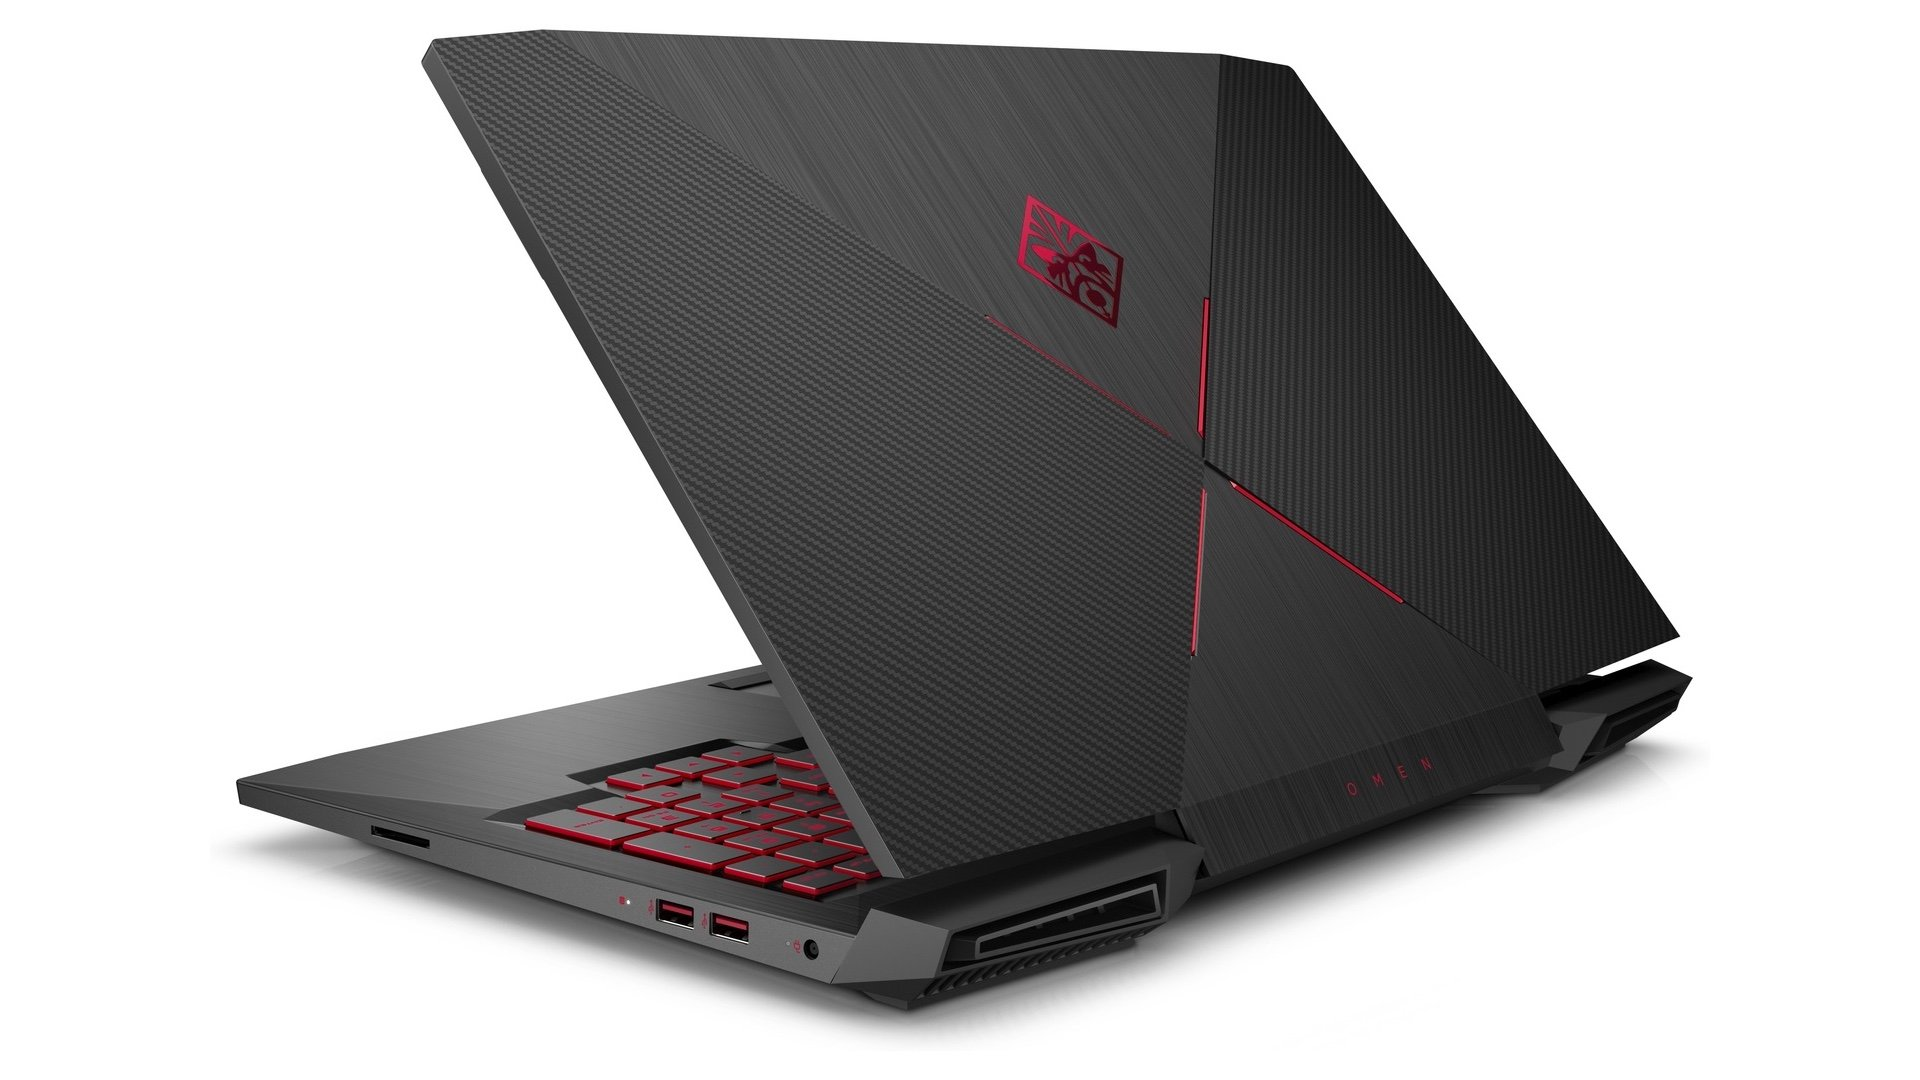 Dejlig Best Black Friday Gaming Laptop Deals 2017 | AllGamers UA-73